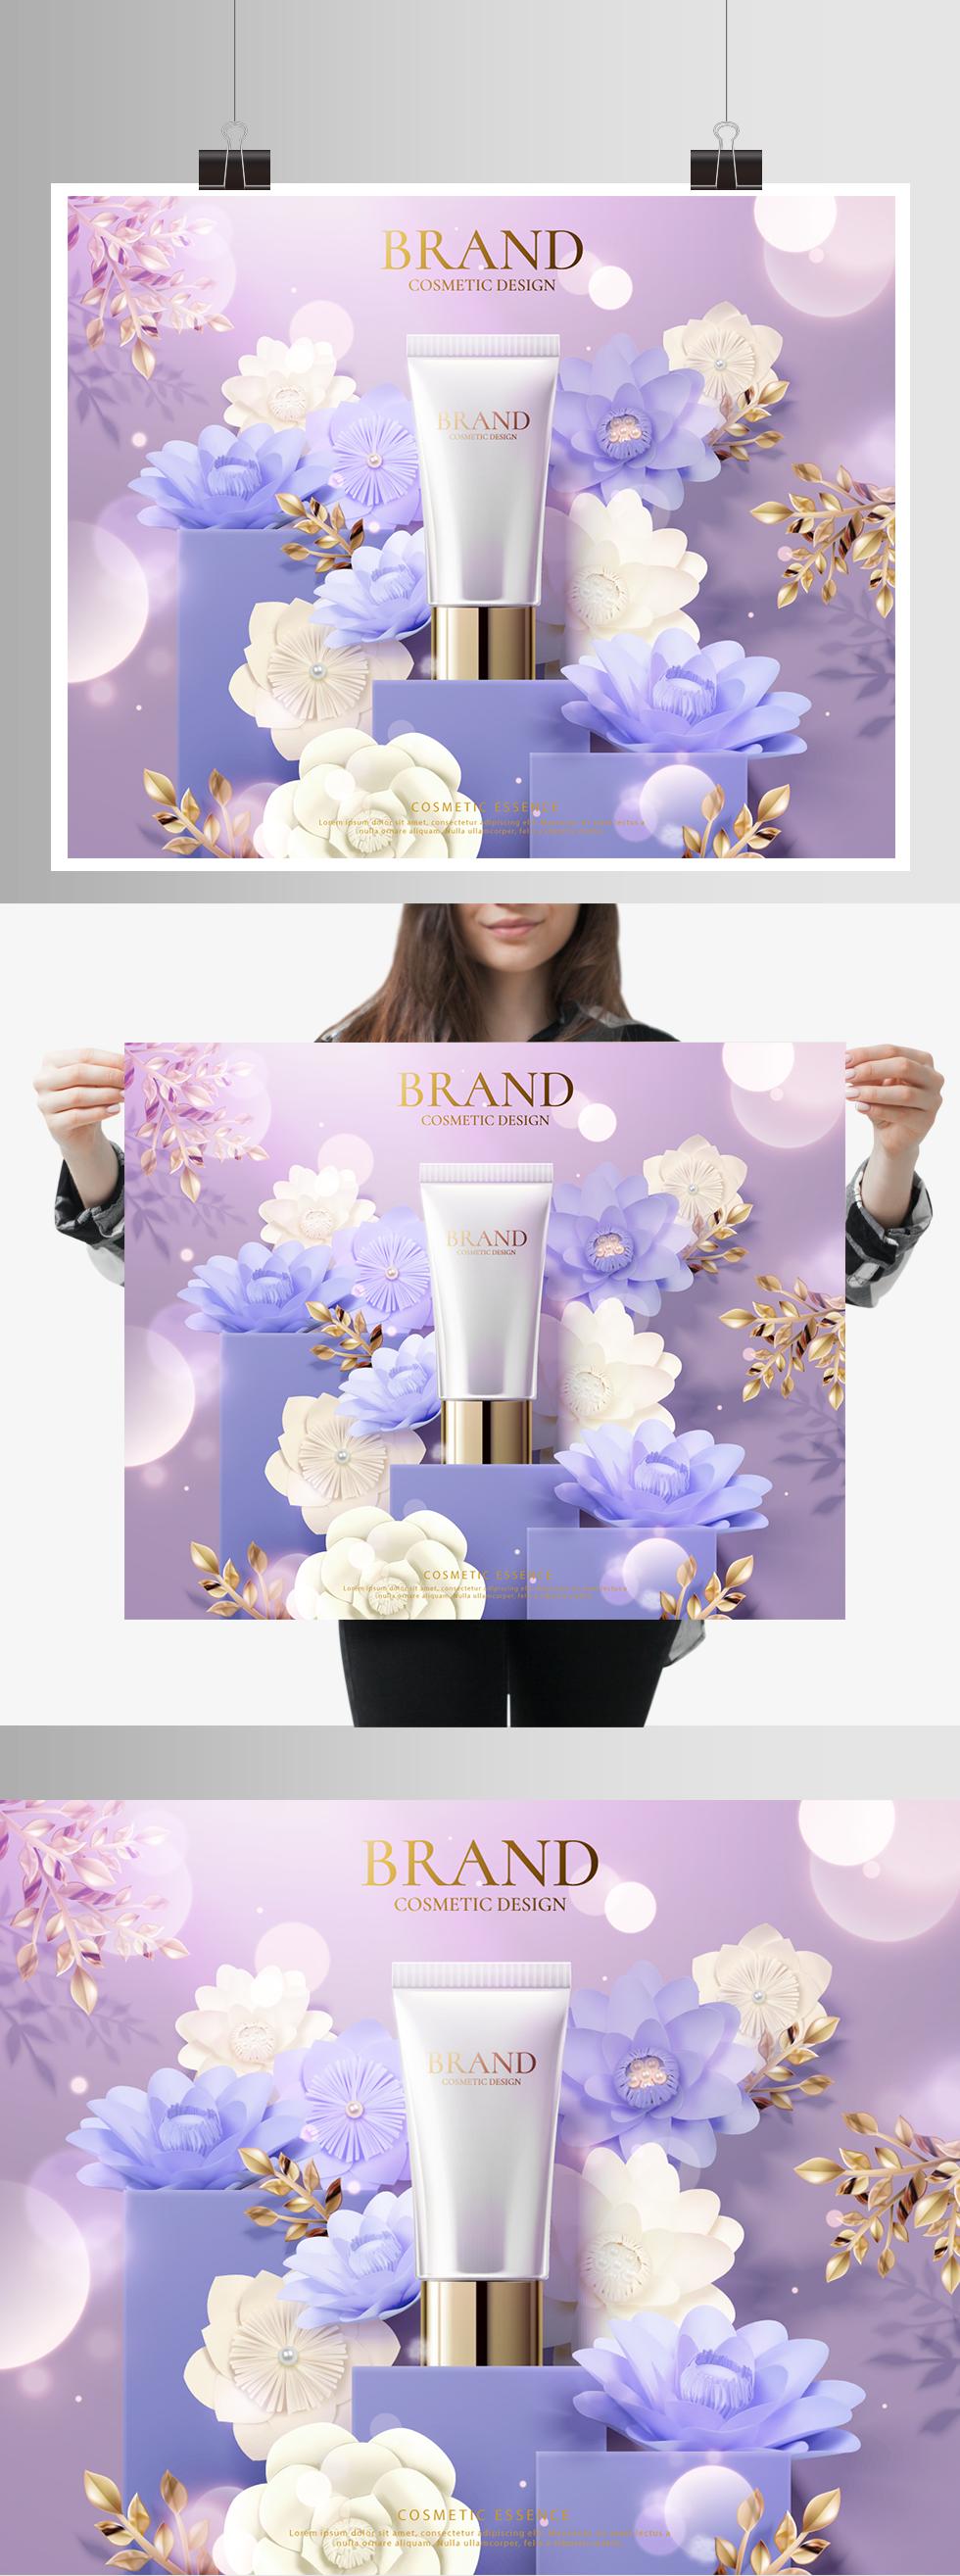 紫色剪纸风格矢量花朵香水香氛化妆品广告